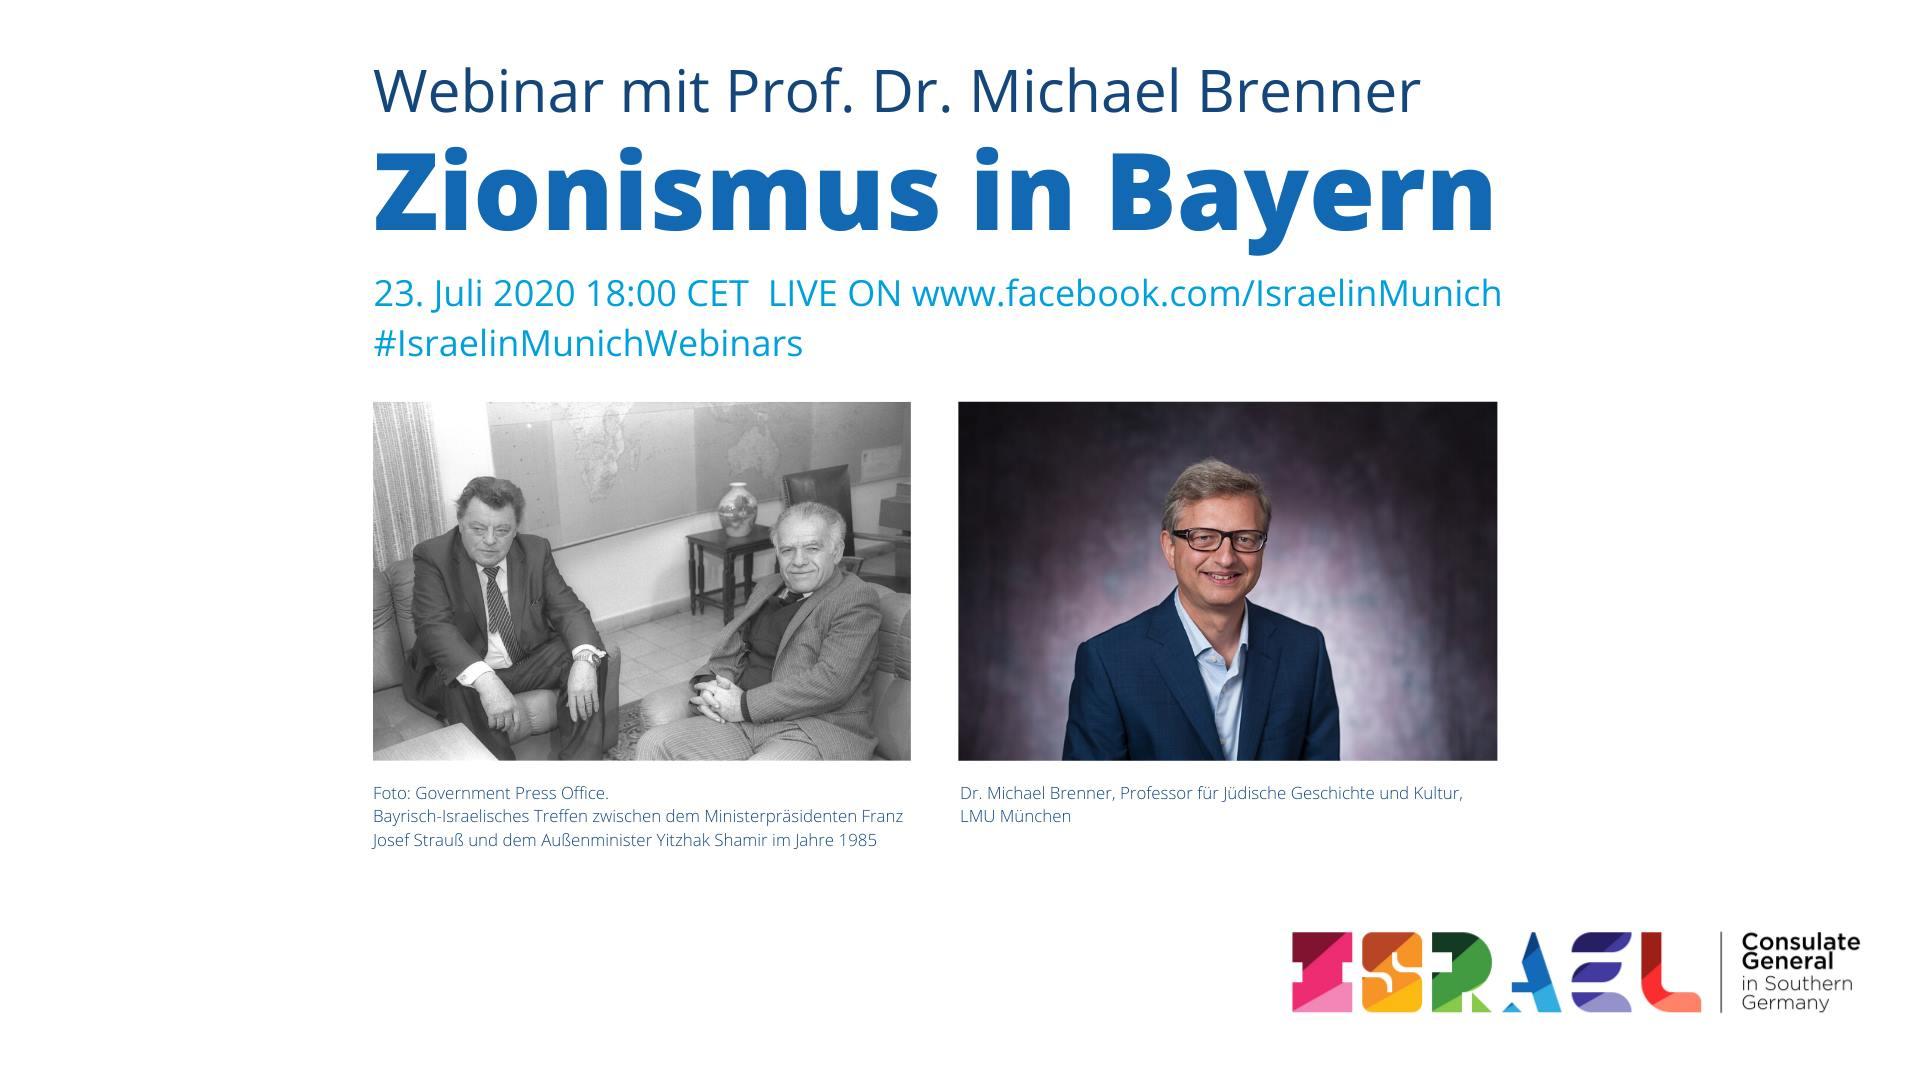 Zionismus in Bayern: Webinar mit Prof. Dr. Michael Brenner